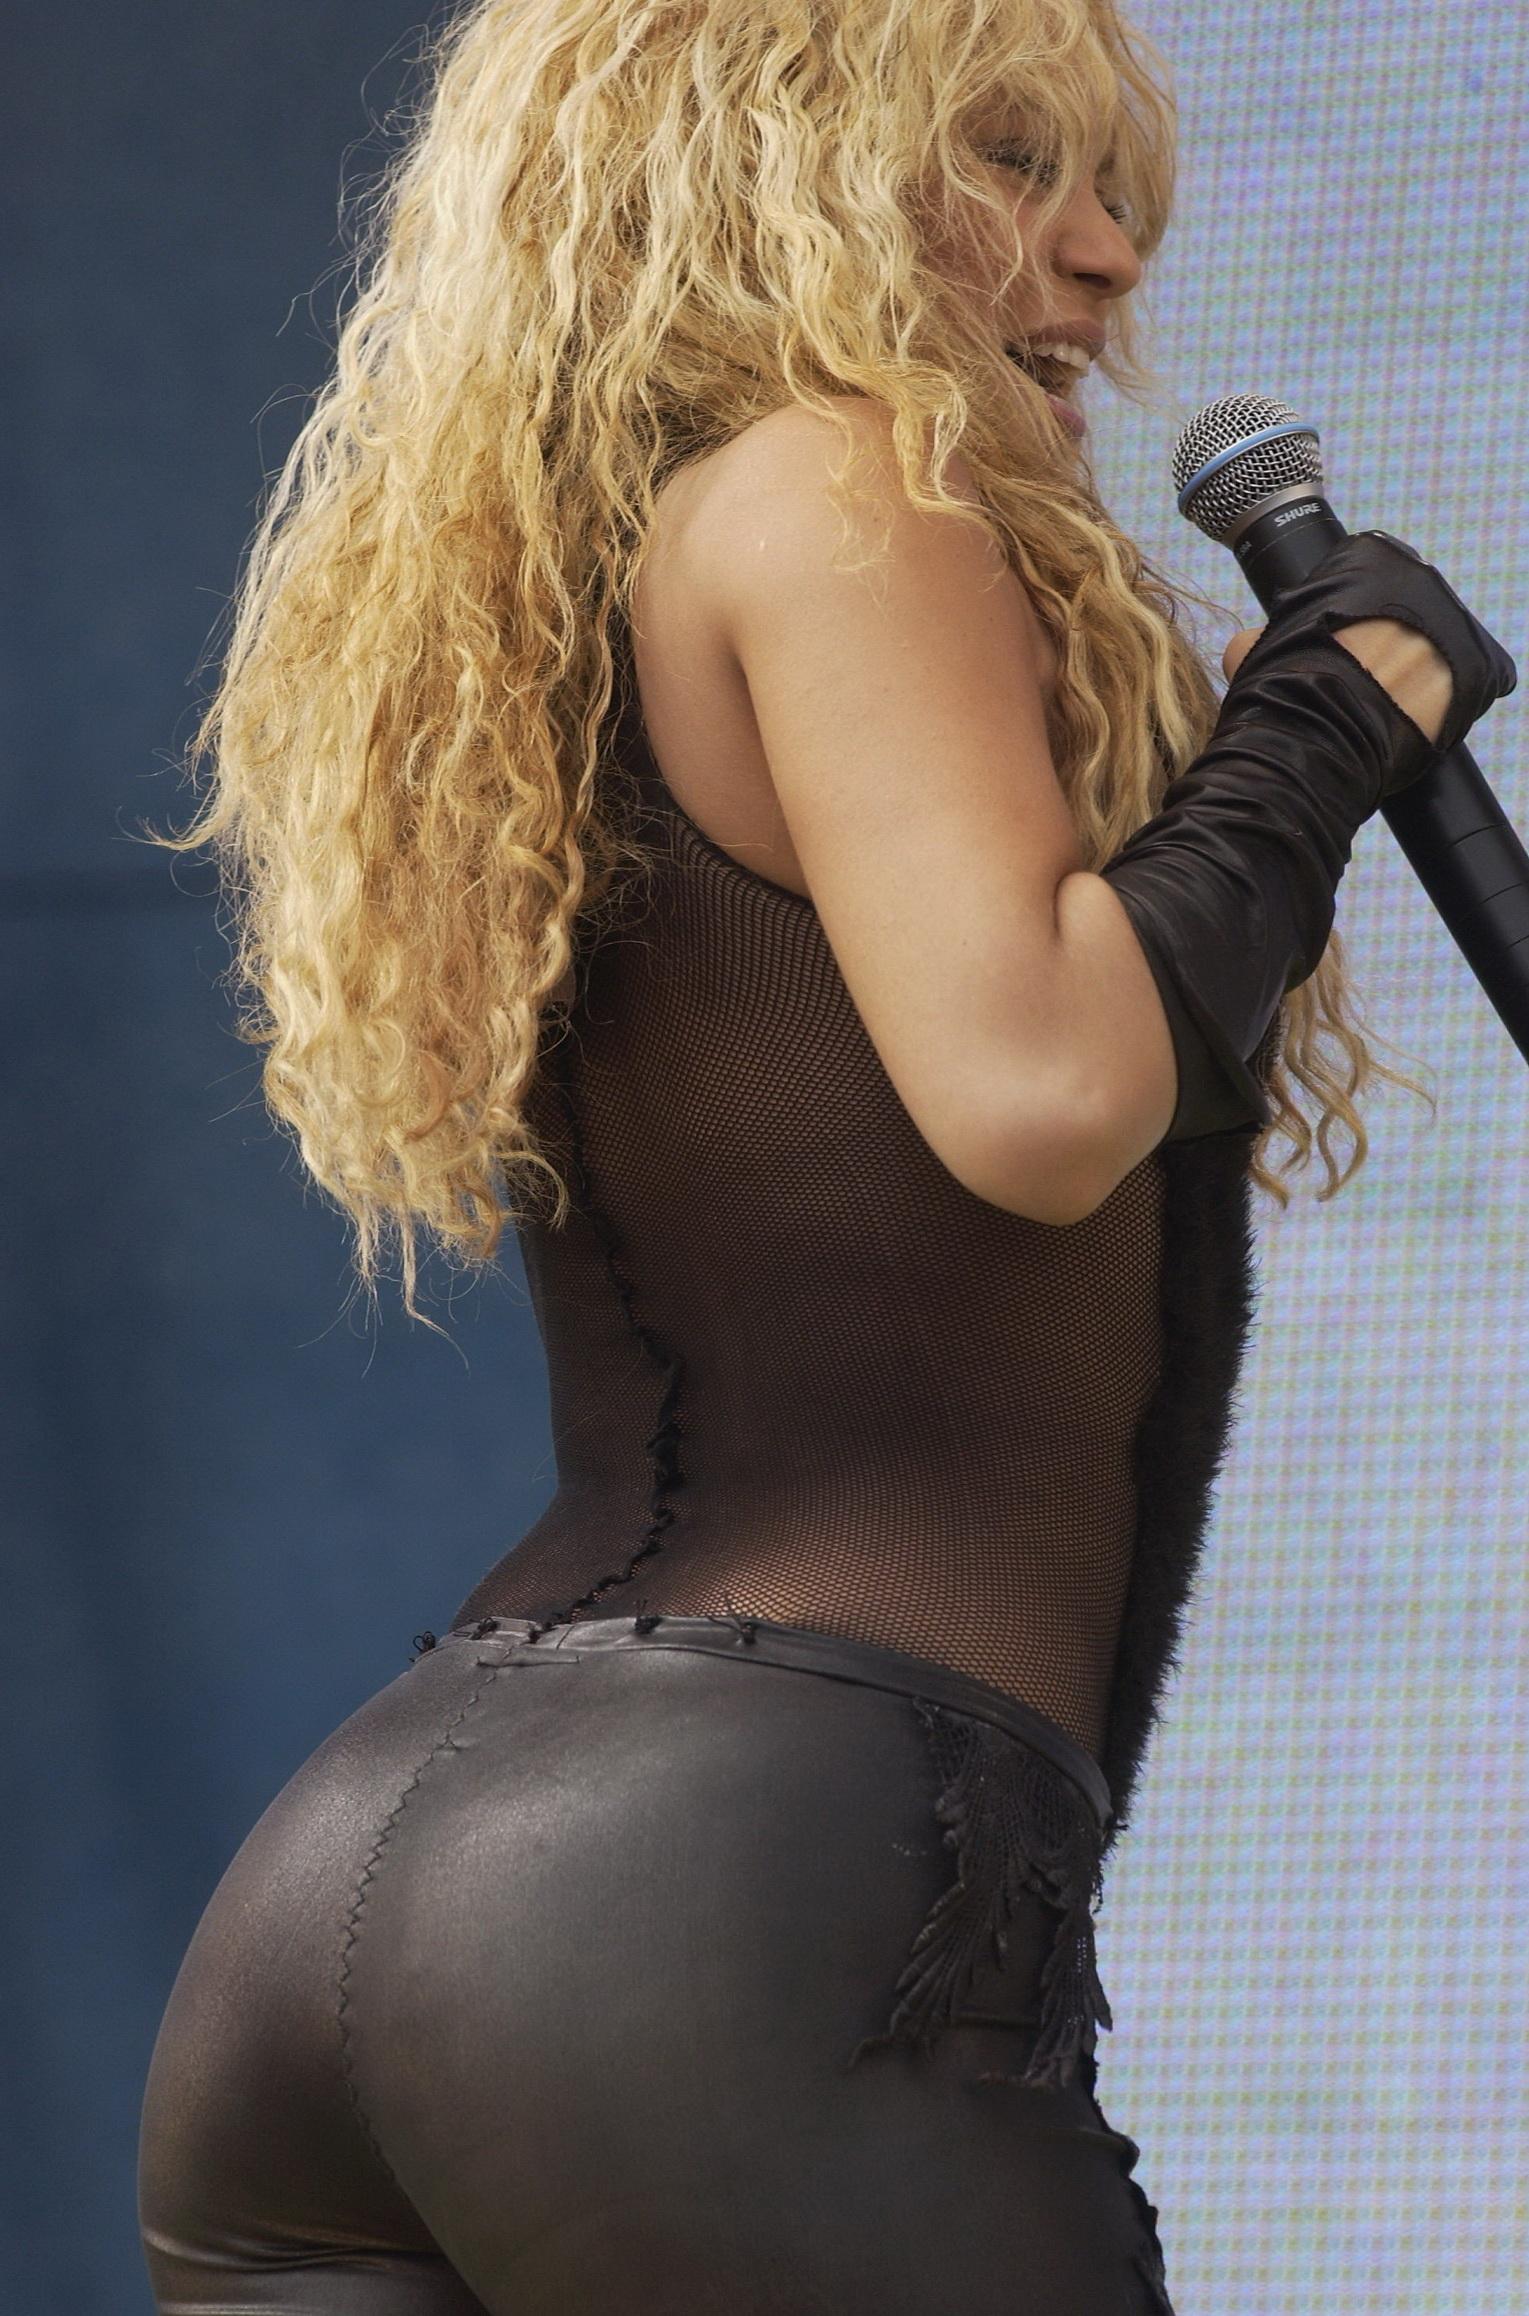 Шакира в ххх 25 фотография